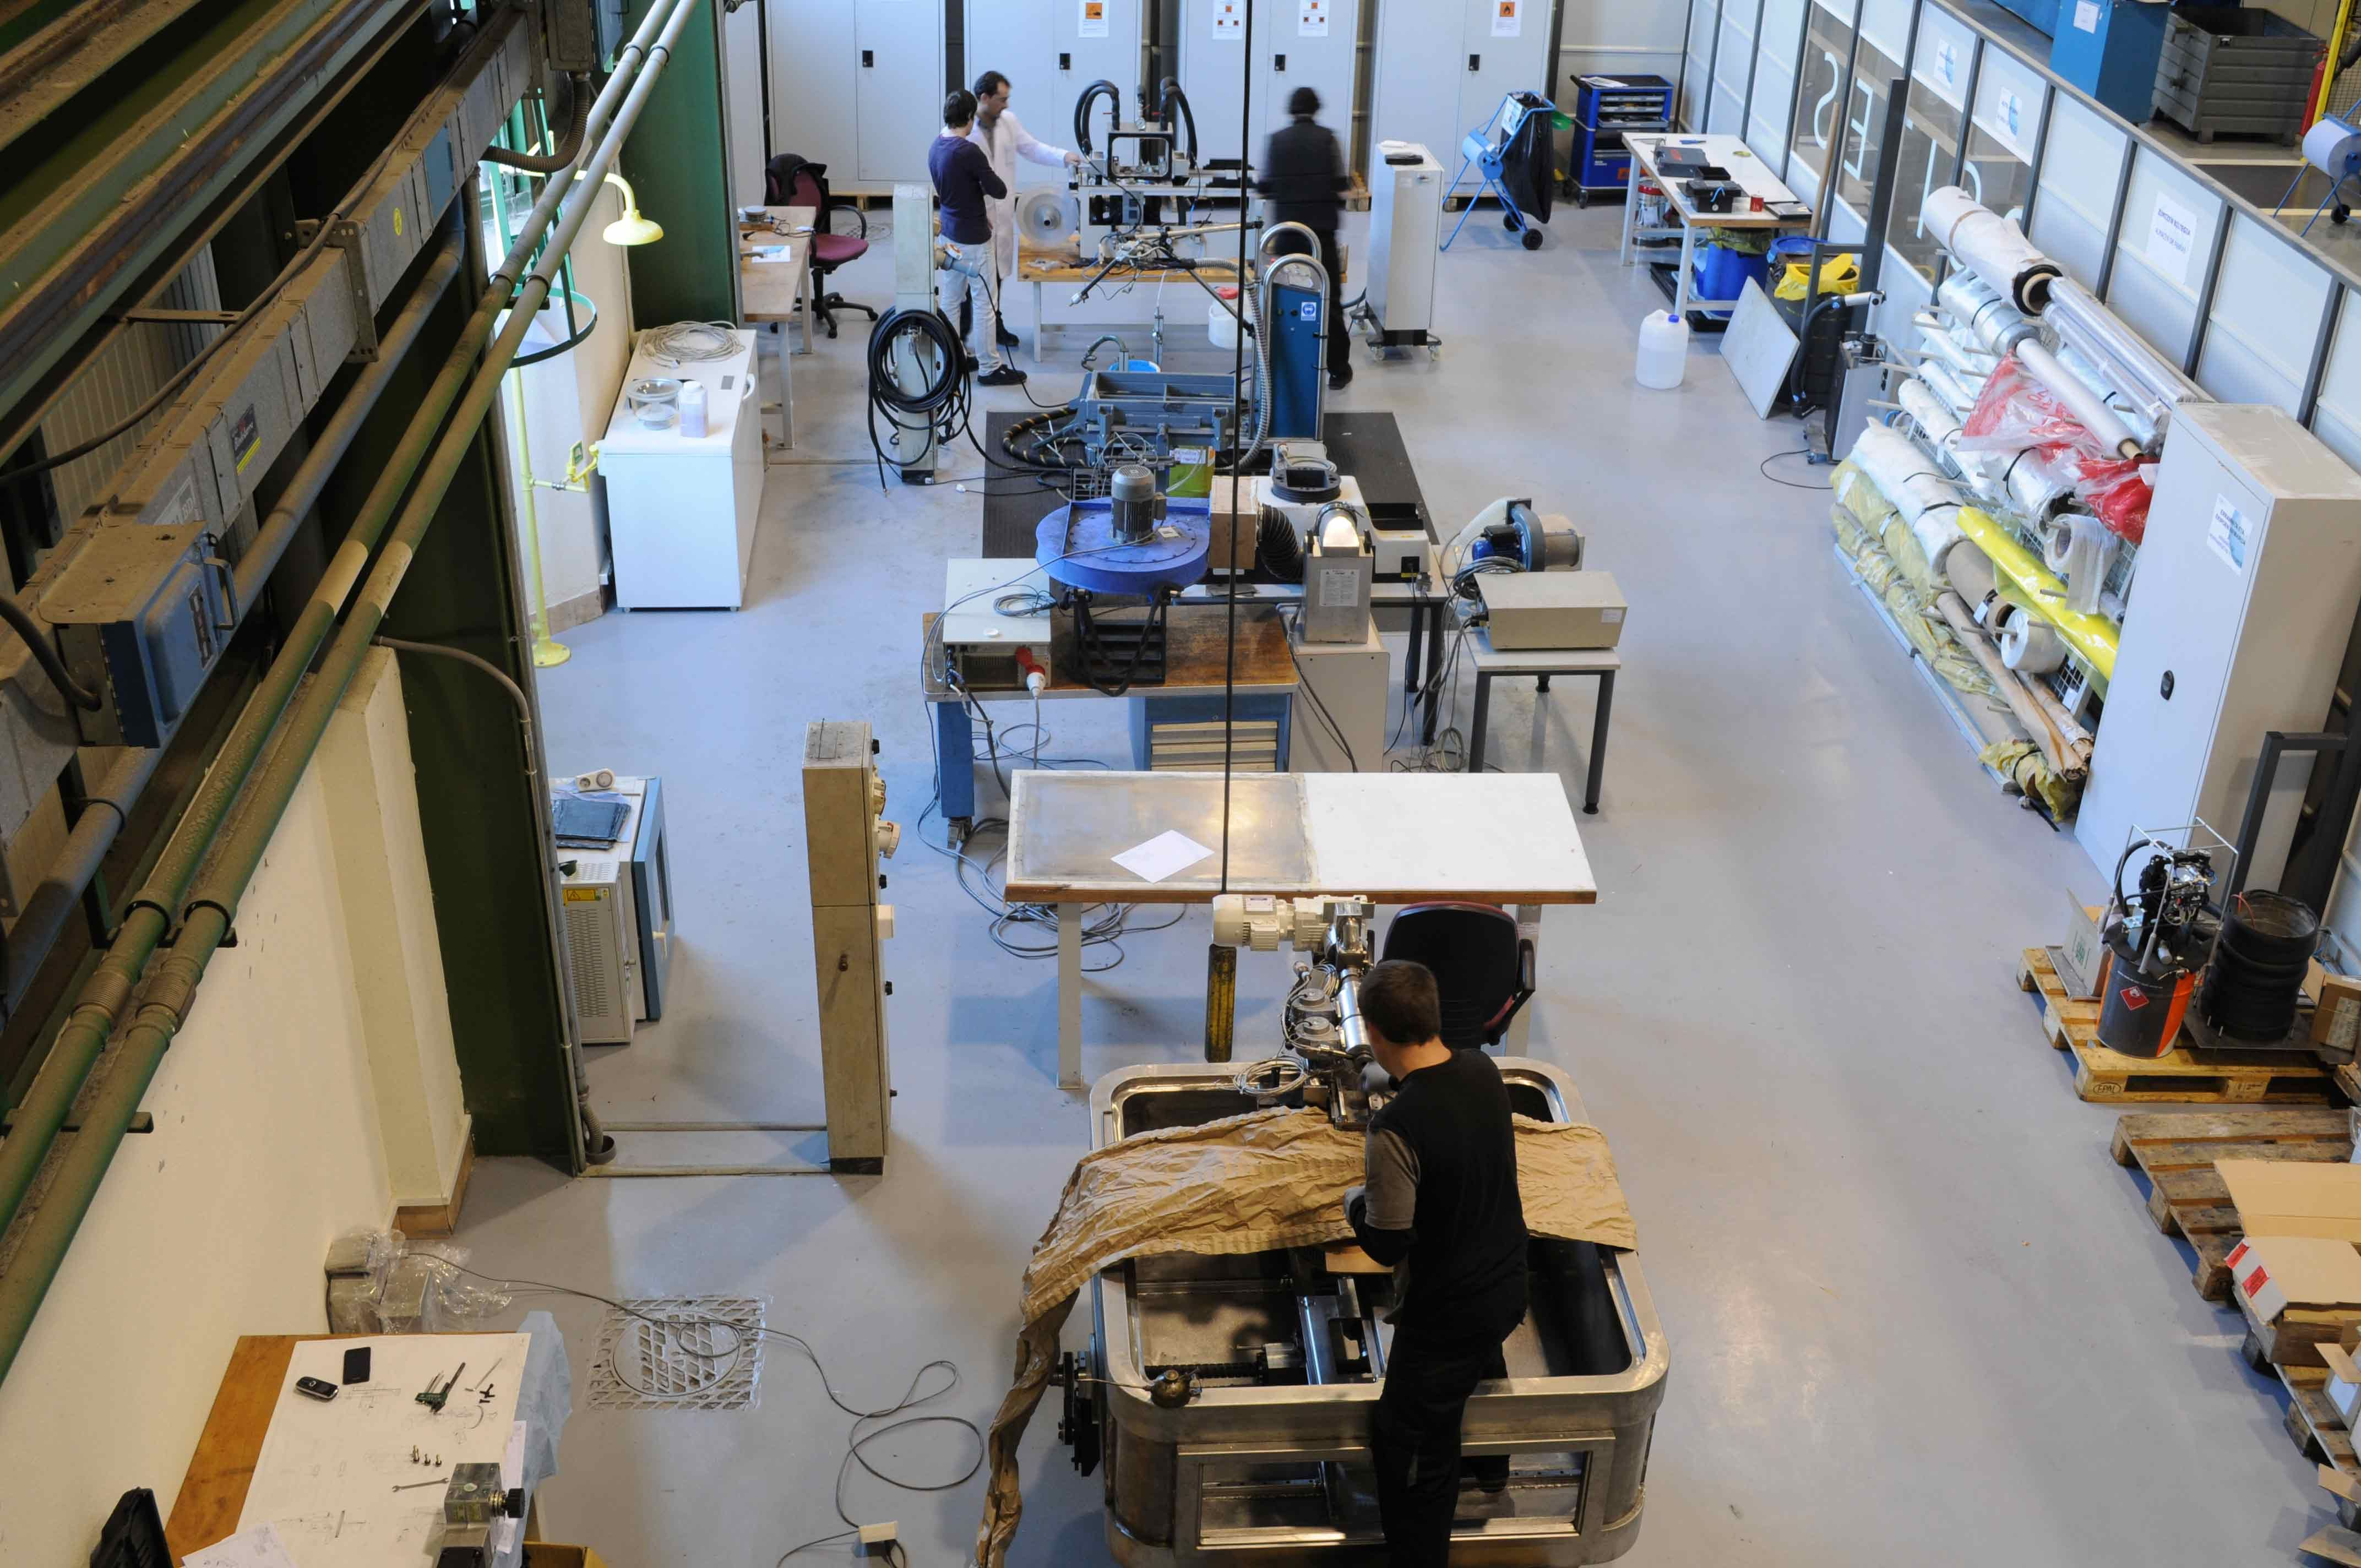 Intensa actividad en el laboratorio de composites de ik4-ideko